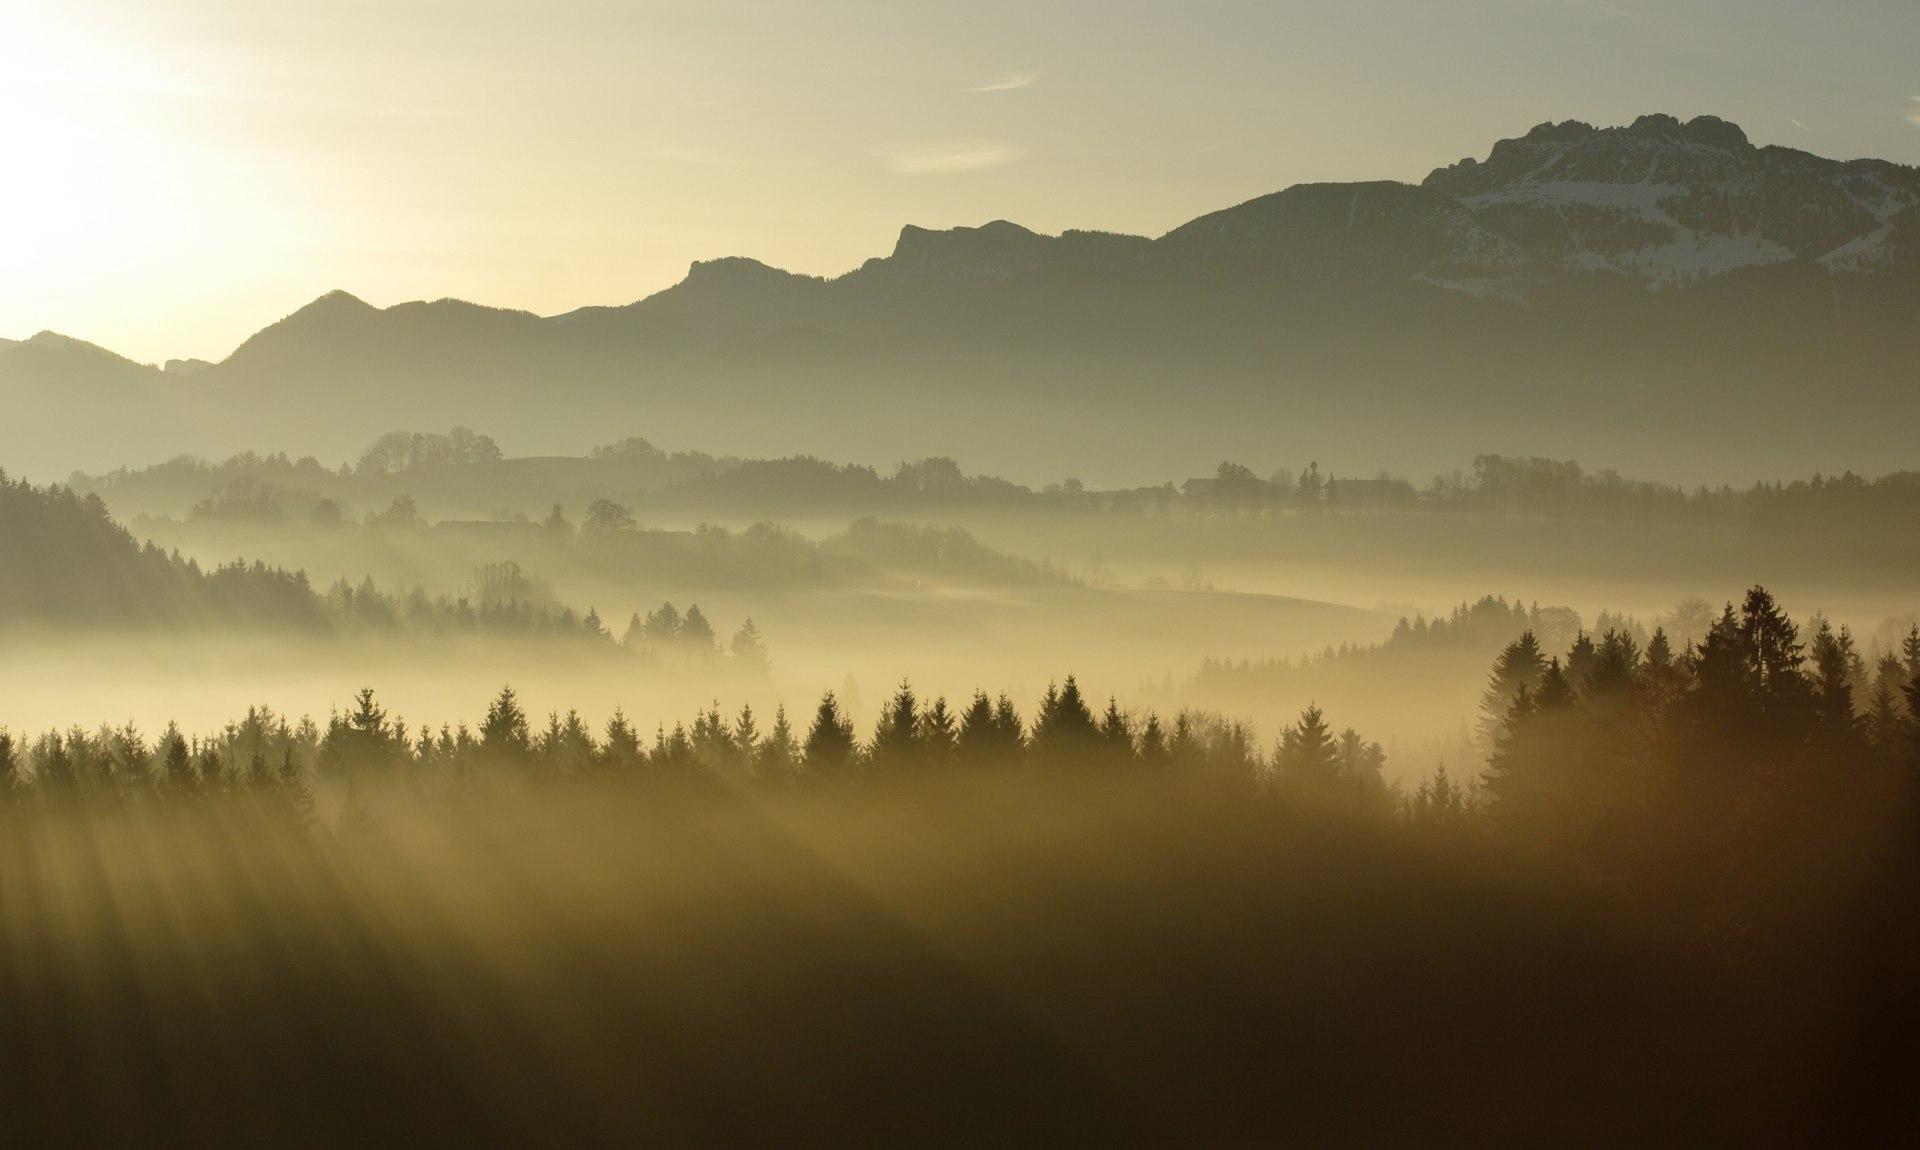 Da Woid, © Josef Reiter